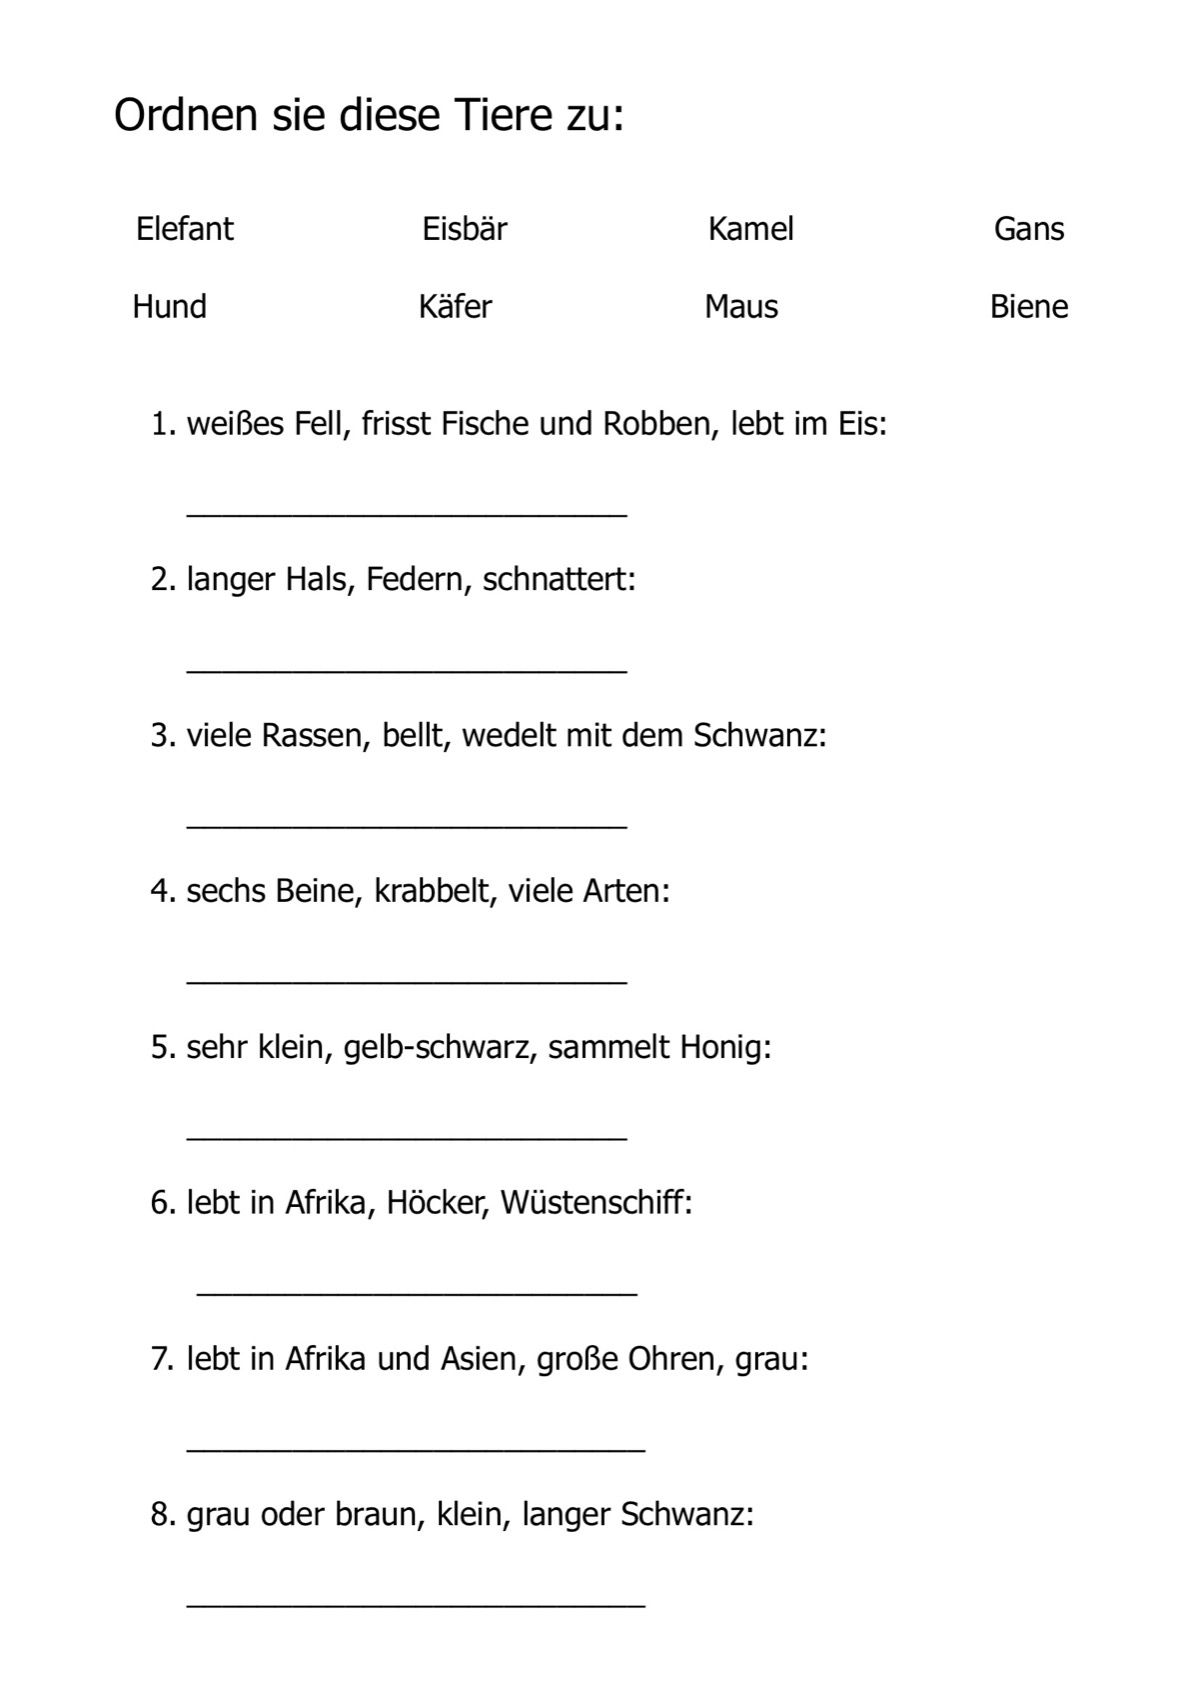 Es liegt mir auf der Zunge (3) - Aphasie | German | Pinterest ...